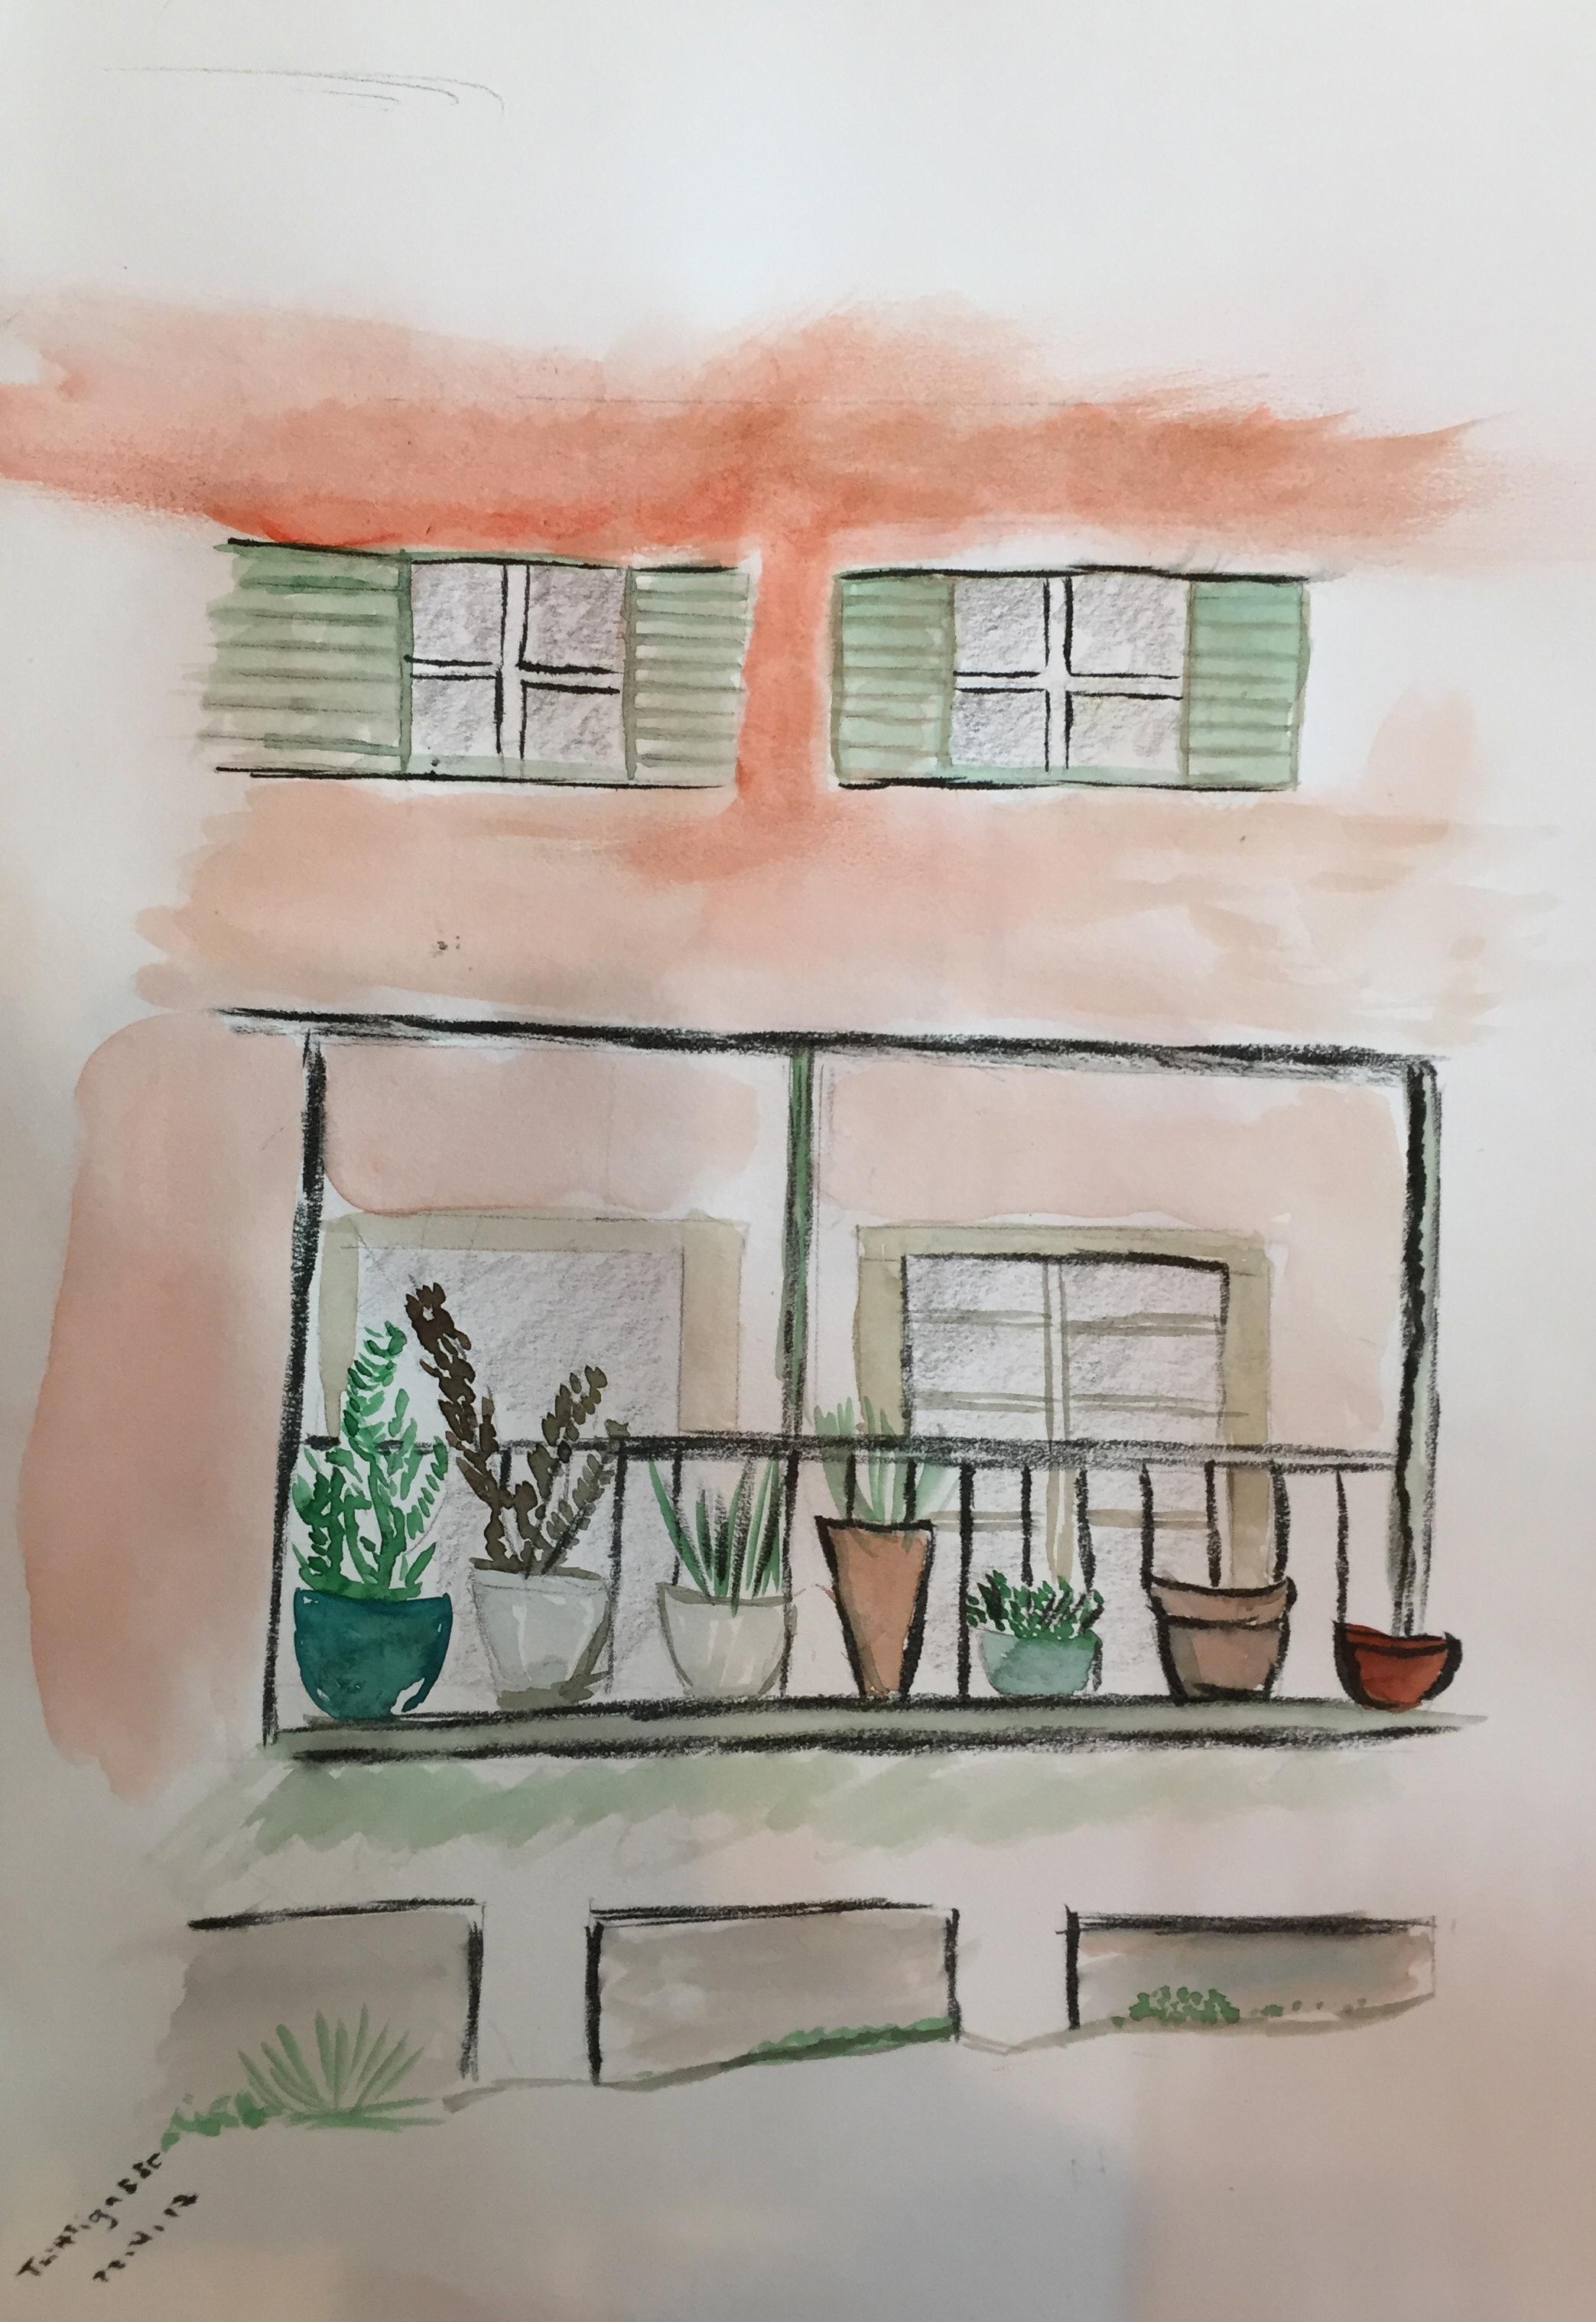 Trittligasse_Urban Sketching, 2017, Neuer Kurs